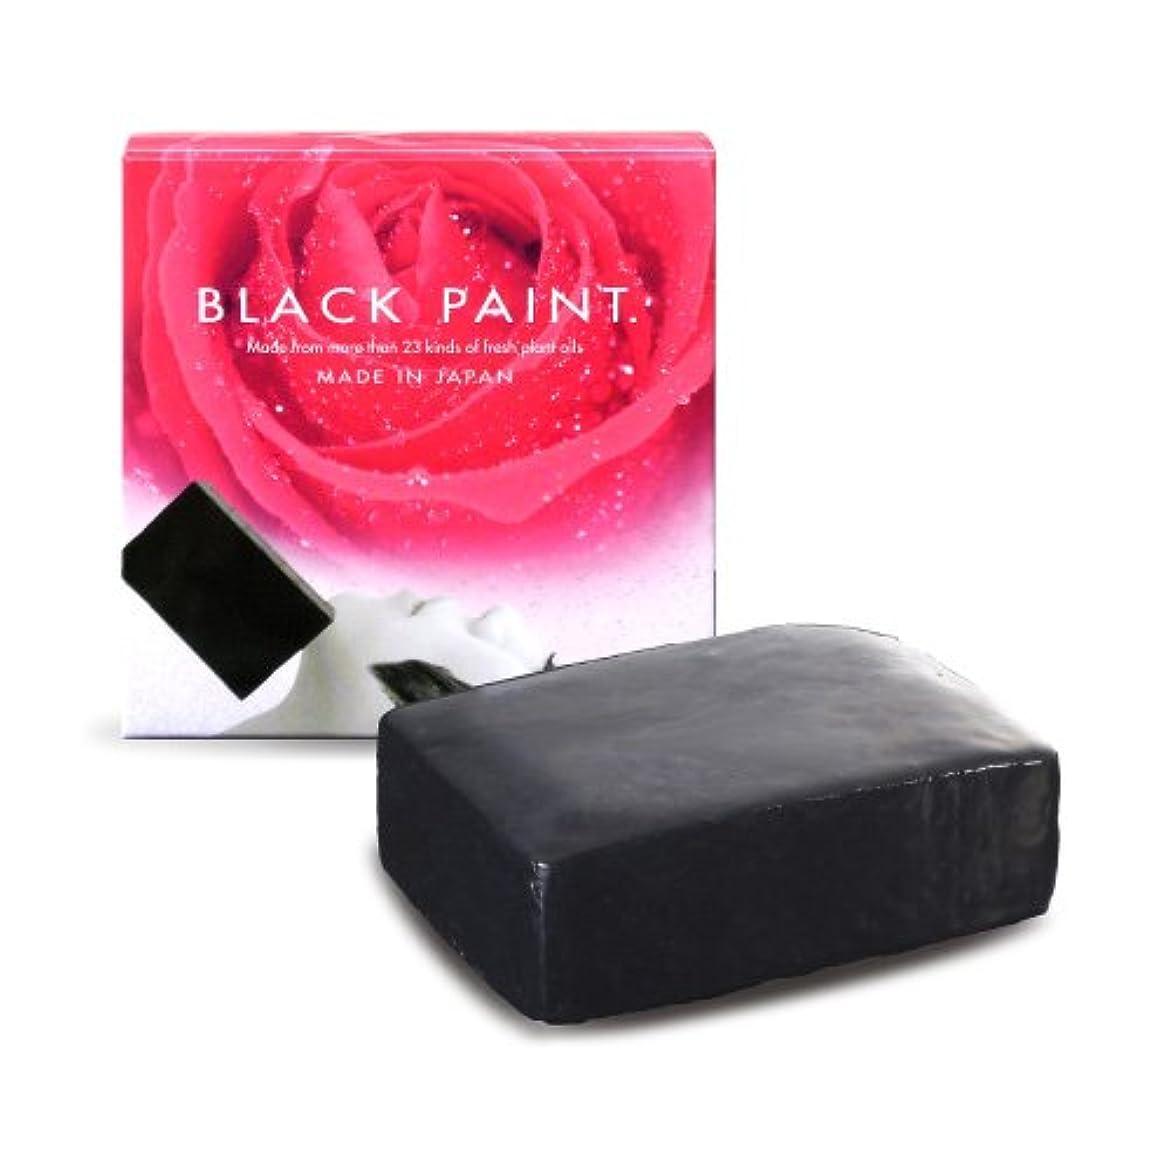 失われたミリメーター雑品ブラックペイント 60g ハーフサイズ 塗る洗顔 石鹸 無添加 国産